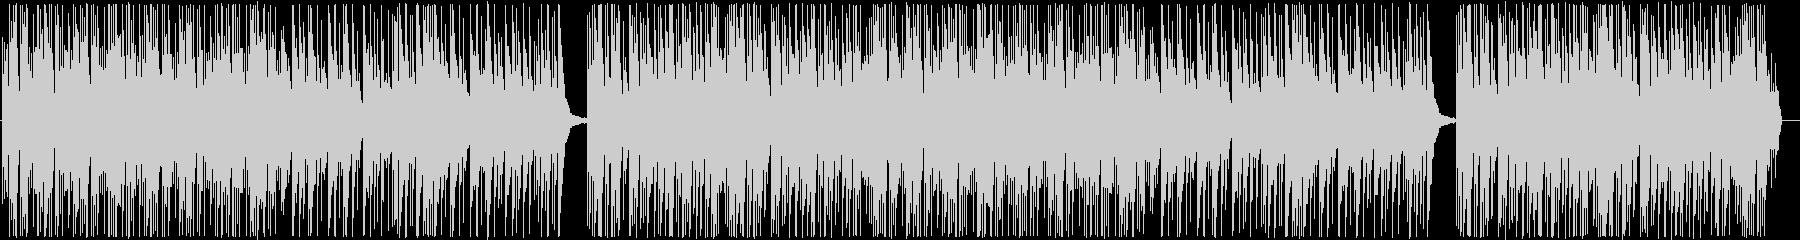 ピアノとシンセの気楽に聴けるBGMの未再生の波形